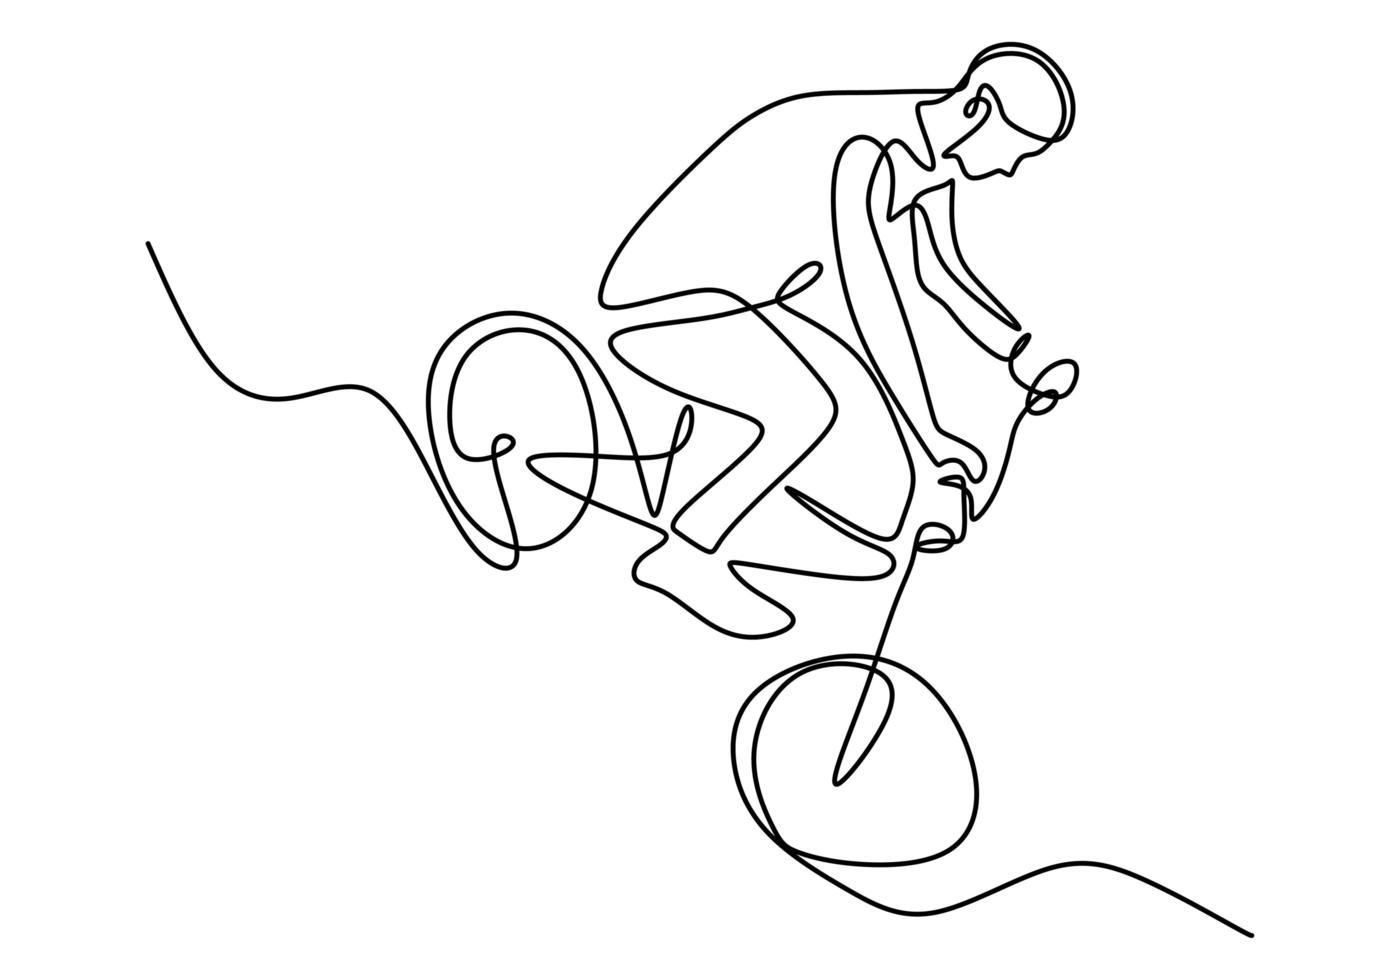 desenho de linha única contínua do jovem ciclista mostra truque extremamente arriscado de estilo livre. vetor